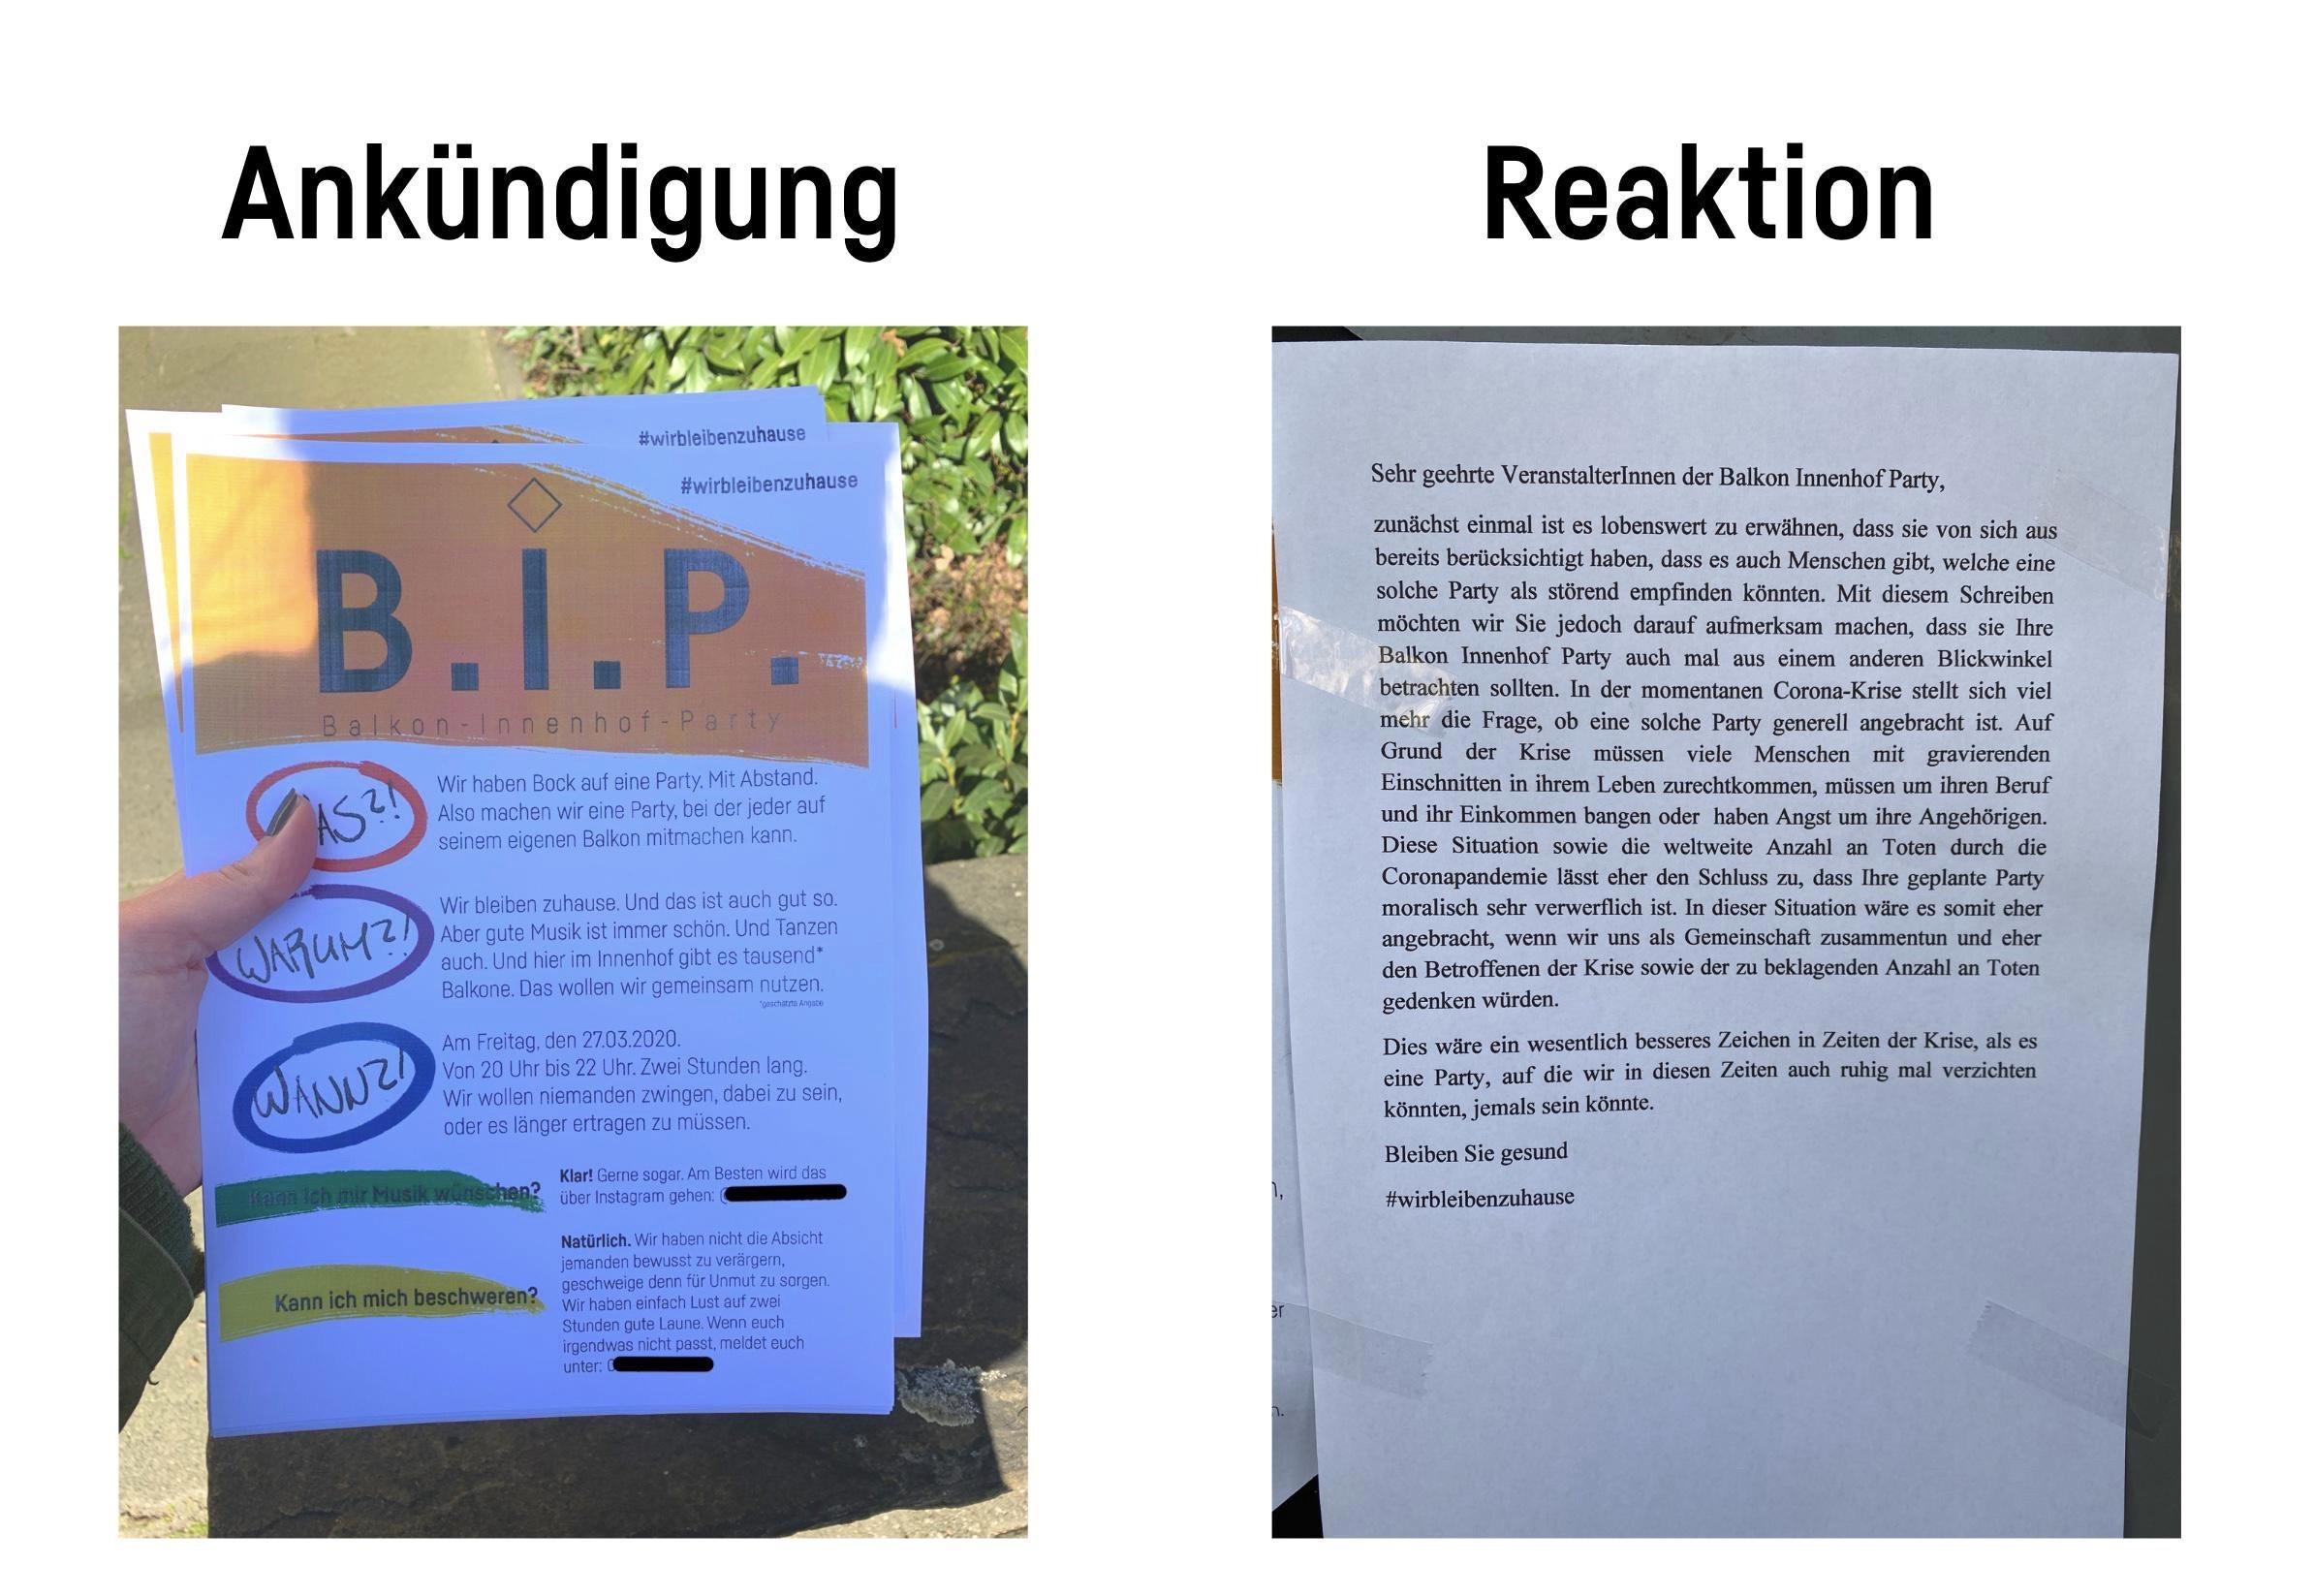 Vergleich Ankündigung Balkonparty und Reaktion eines anoymen Nachbarn